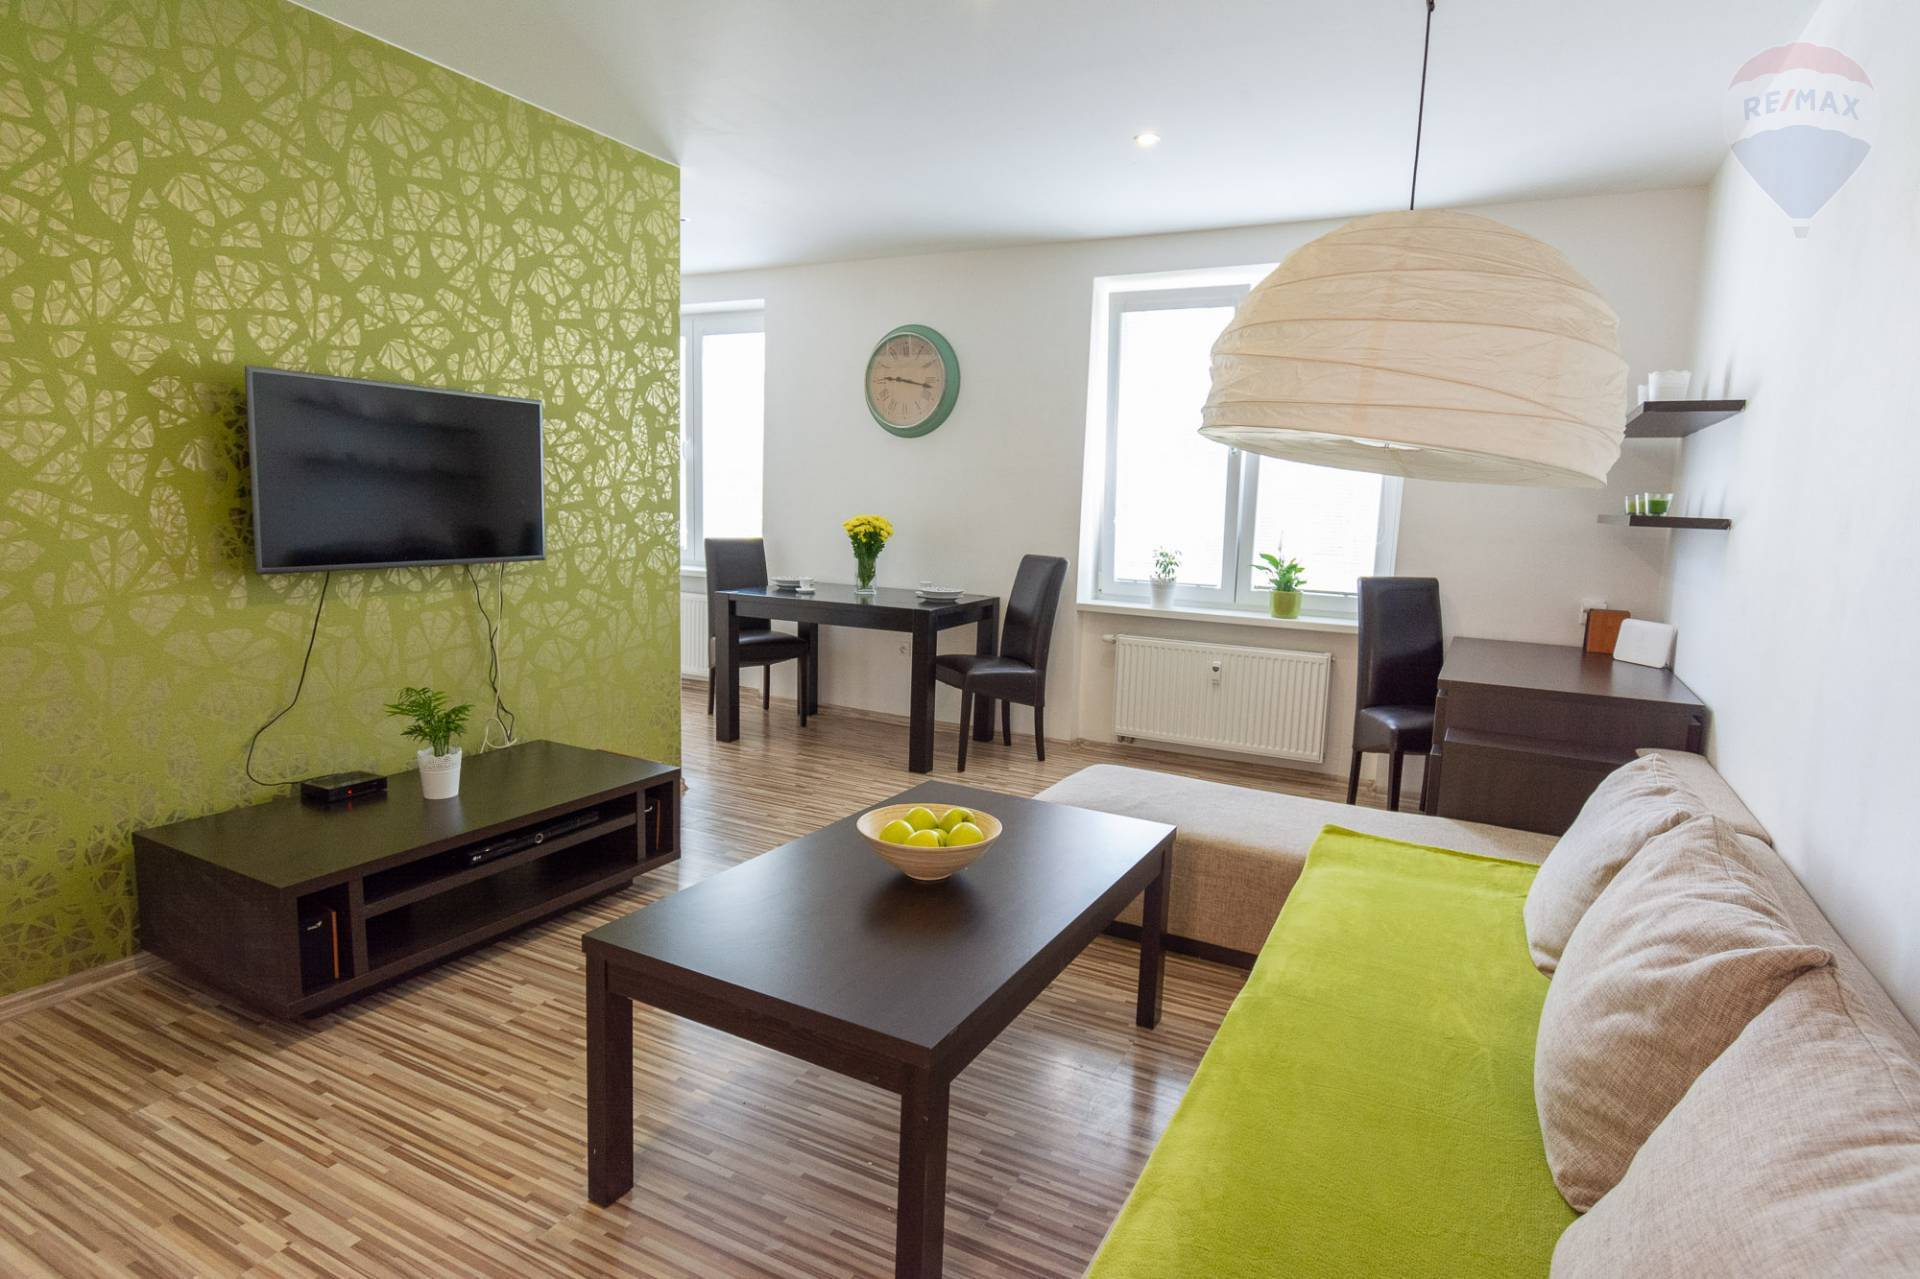 PRENÁJOM - kompletne zariadený 2 izb. byt lokalita Staré sídlsiko, Prievidza